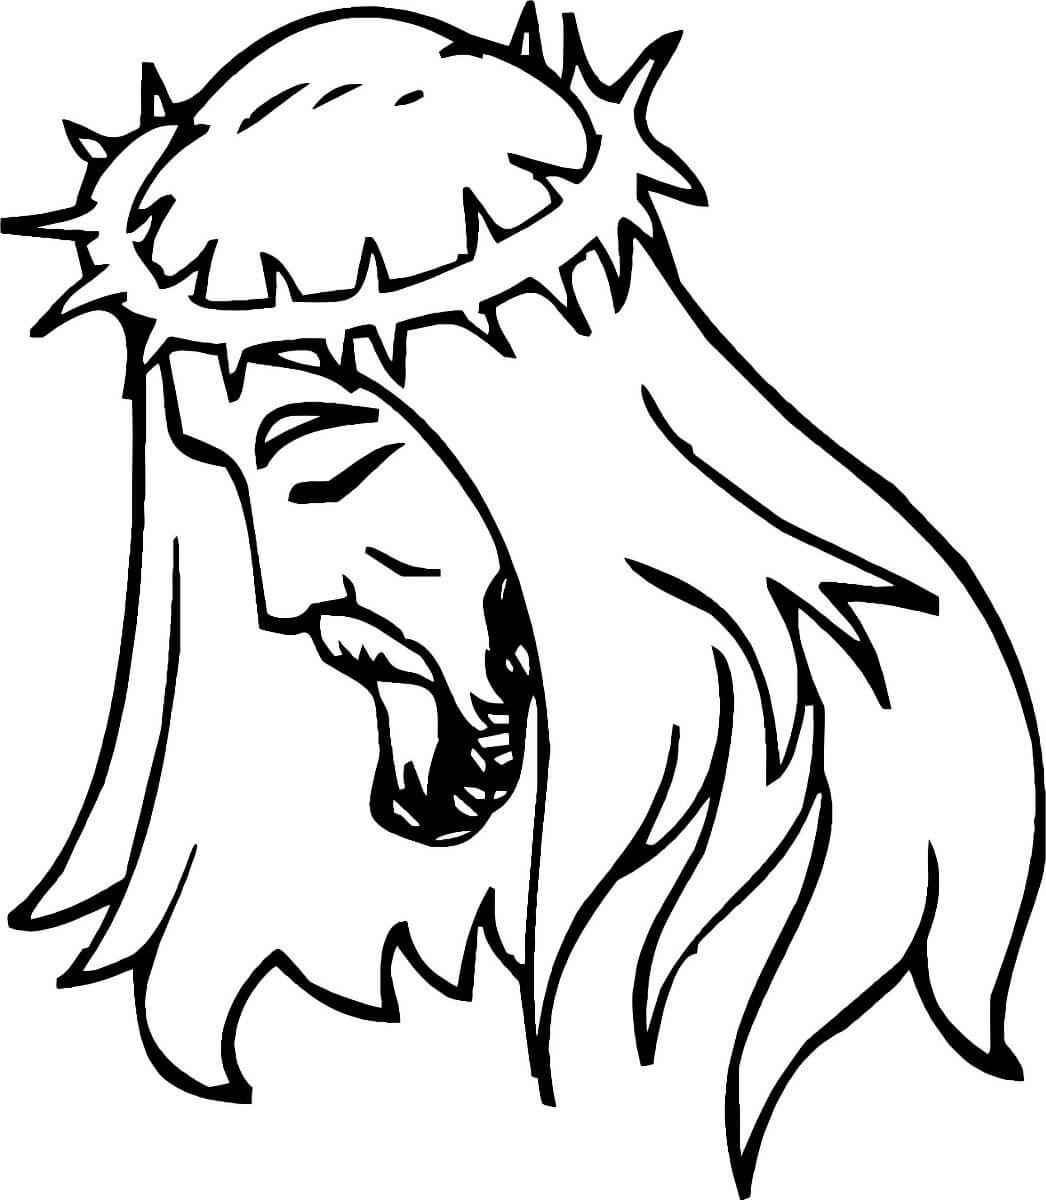 Desenho de jesus Fotografias de Banco de Imagens, Imagens Livres 82